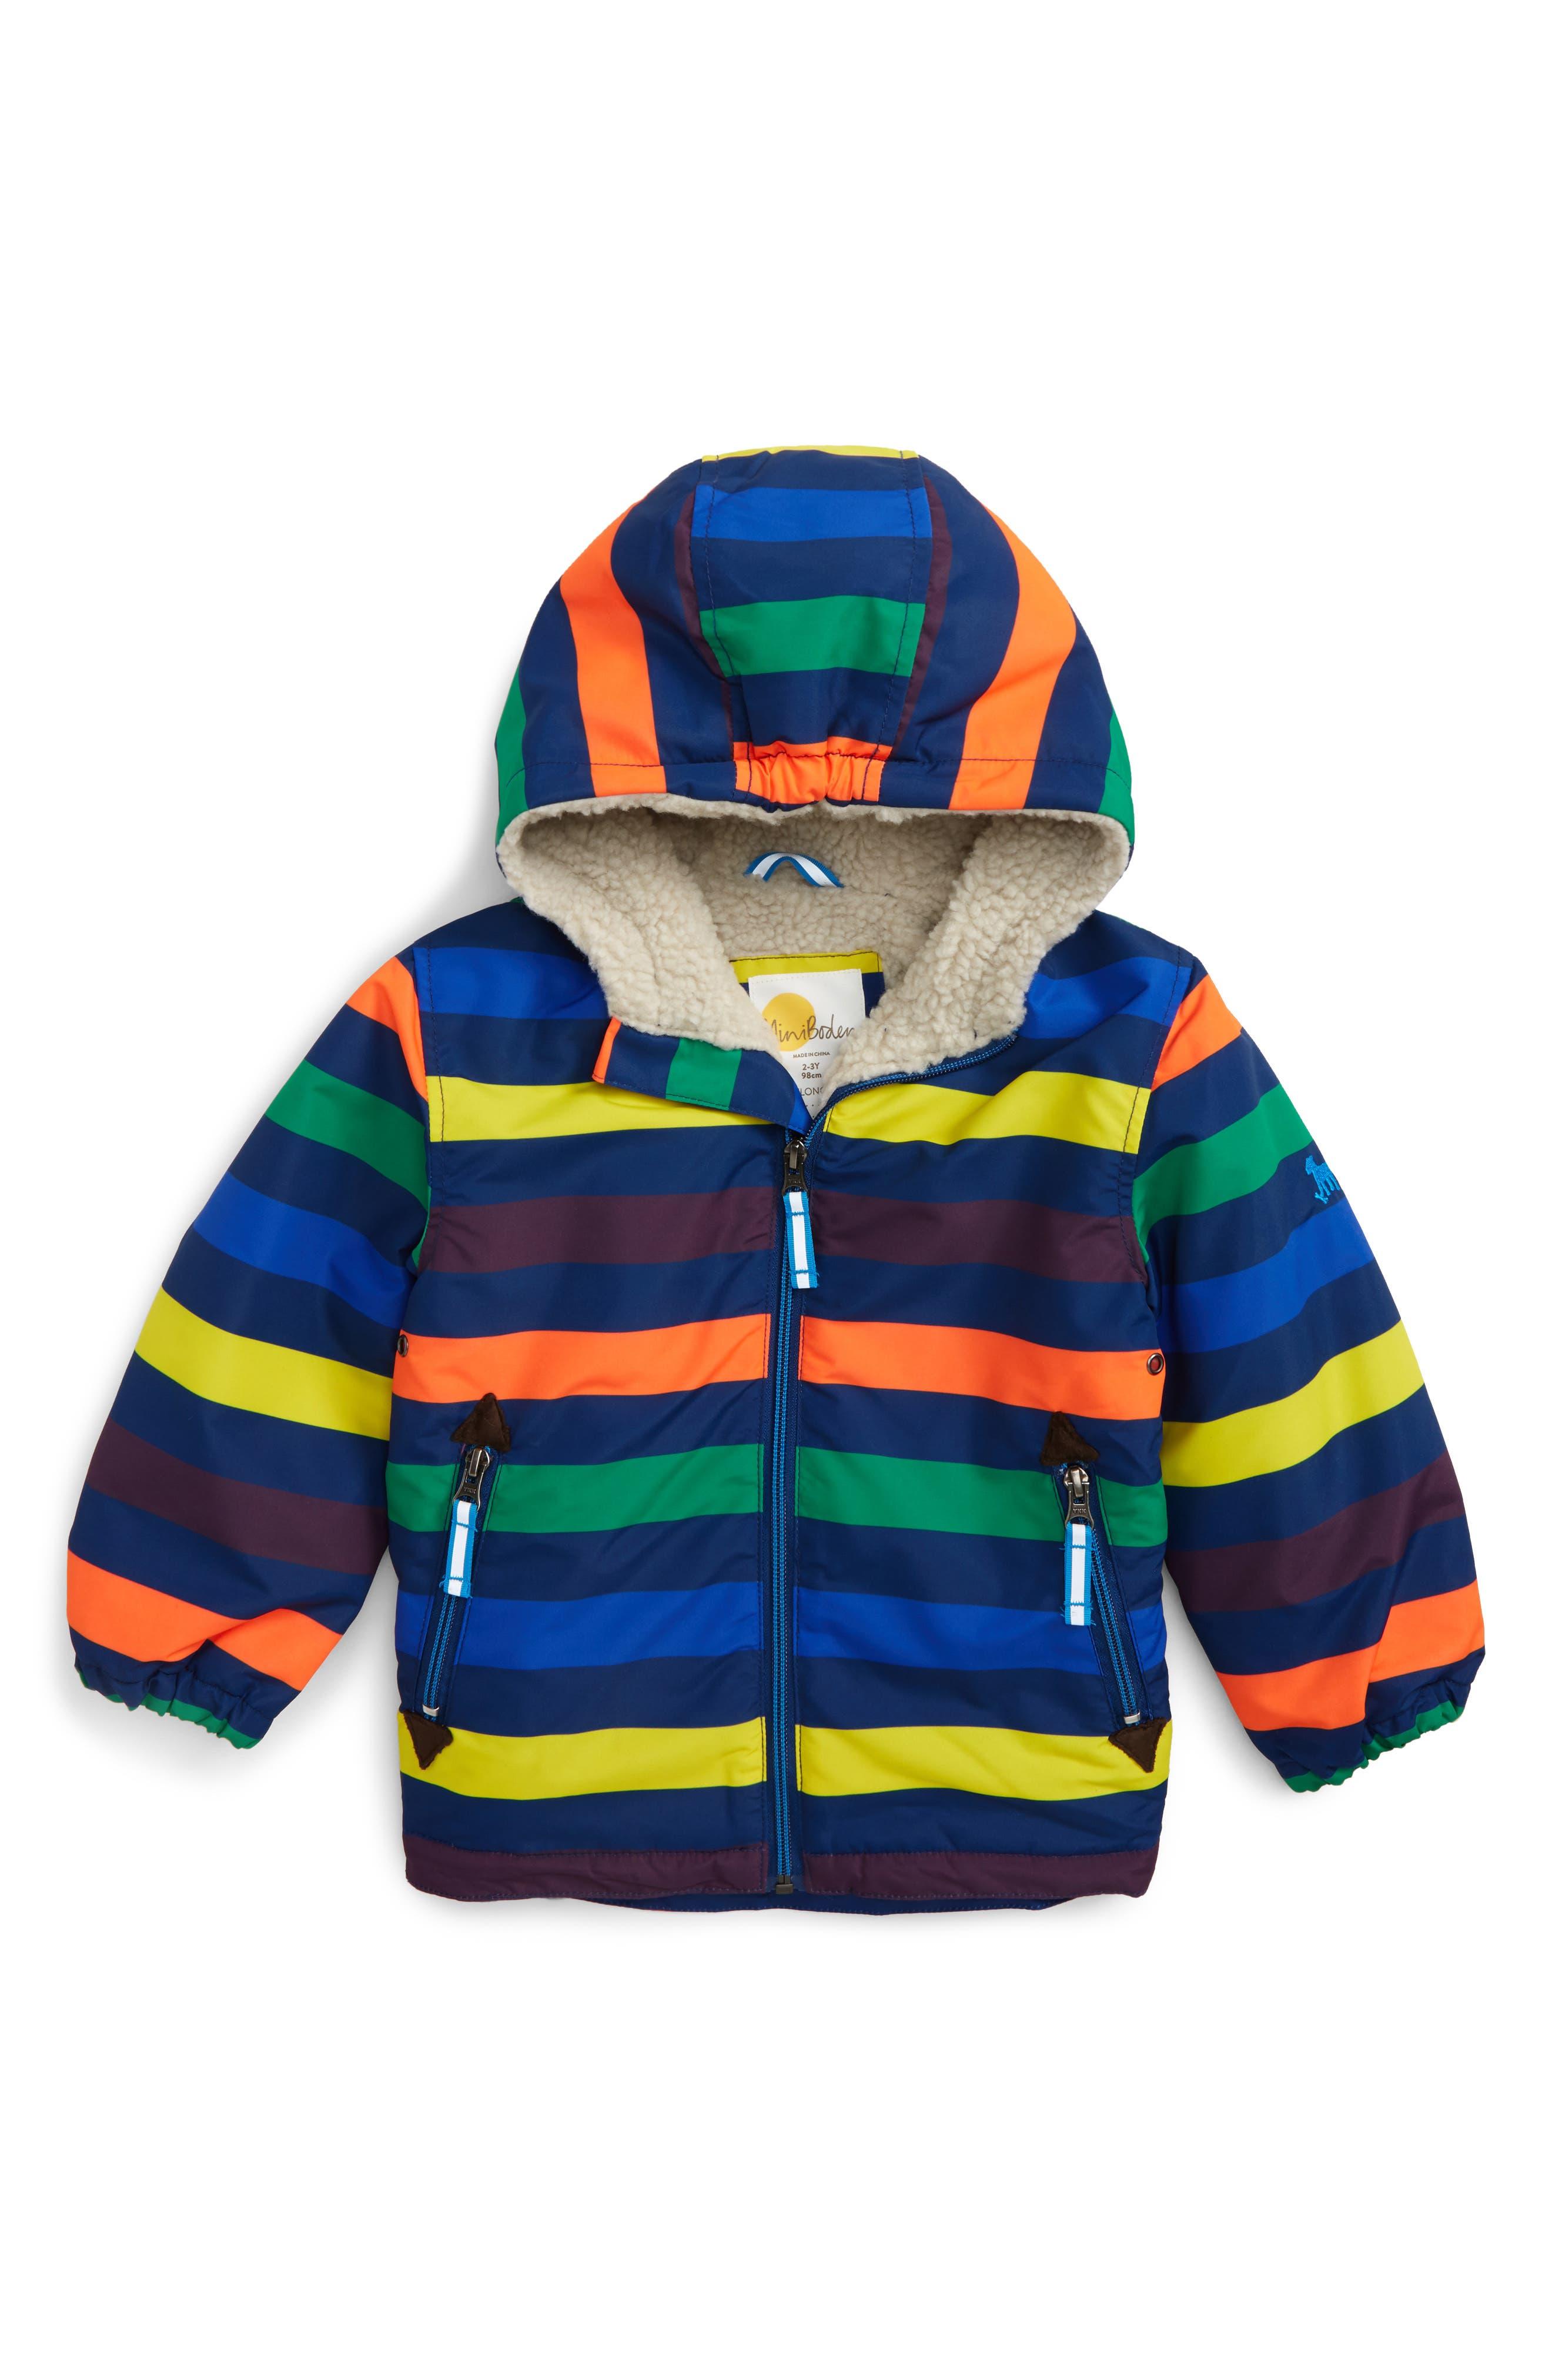 Alternate Image 1 Selected - Mini Boden Hooded Anorak (Toddler Boys, Little Boys & Big Boys)